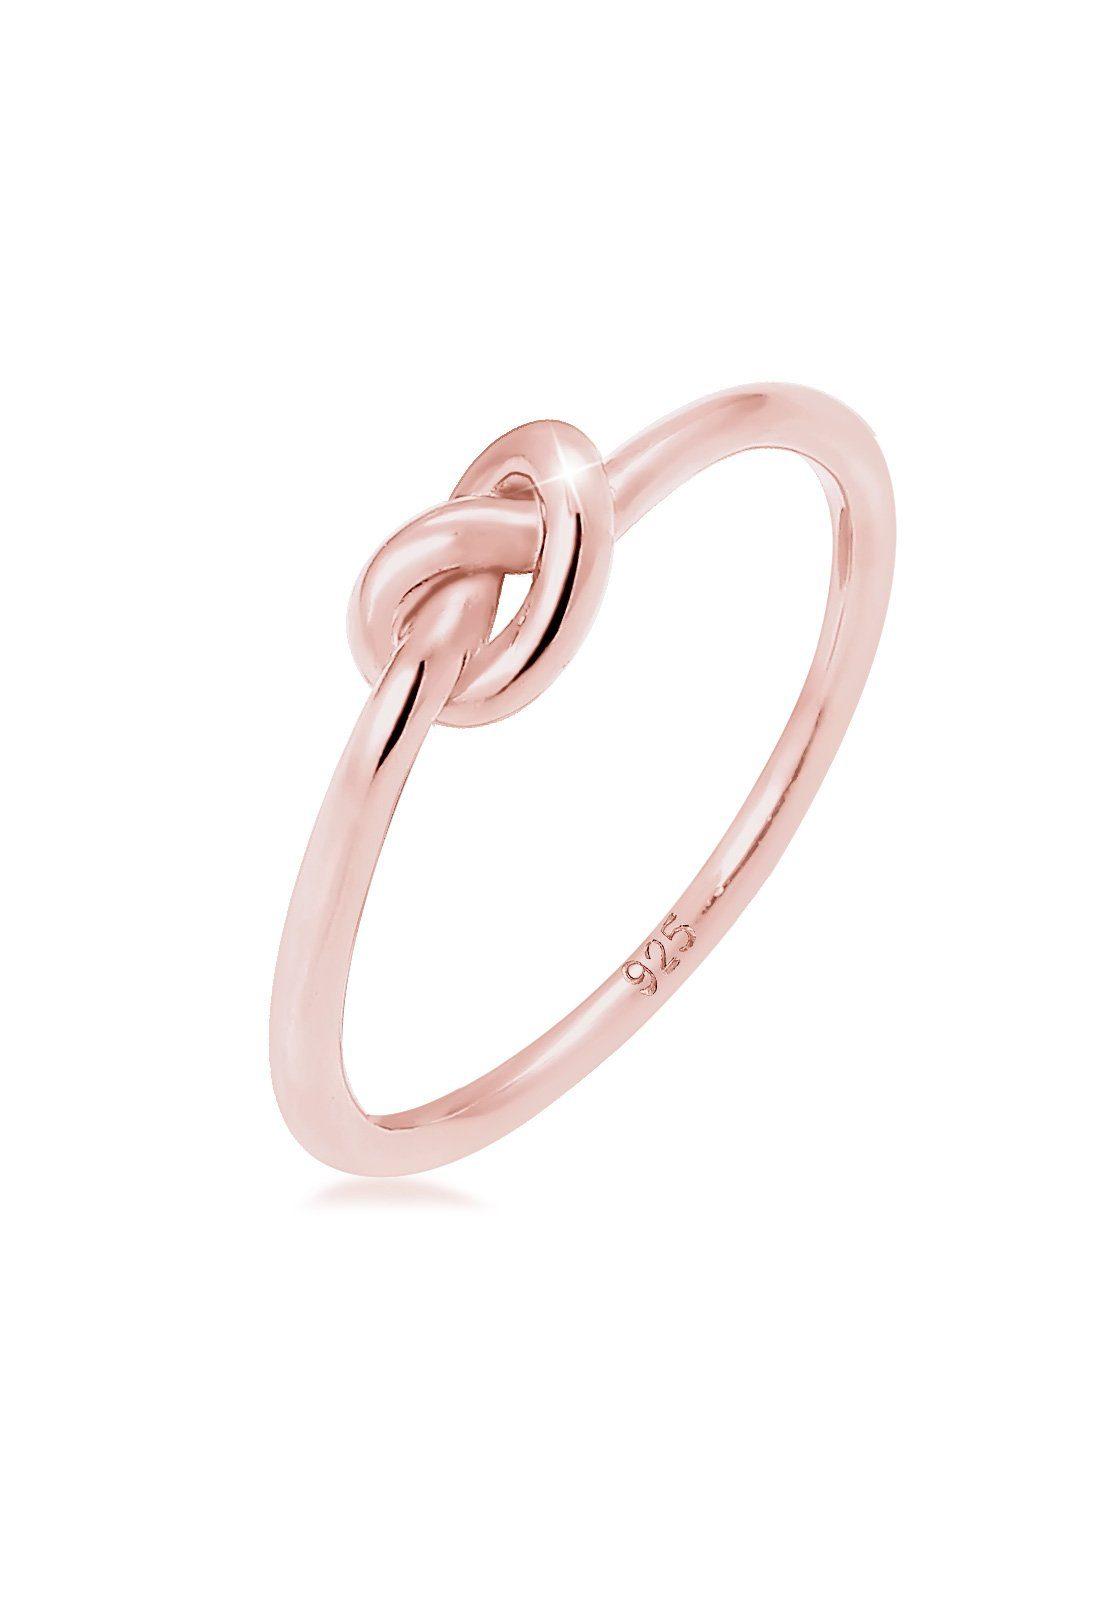 Elli Ring Knoten Verknotet Trend Basic 925 Silber ros